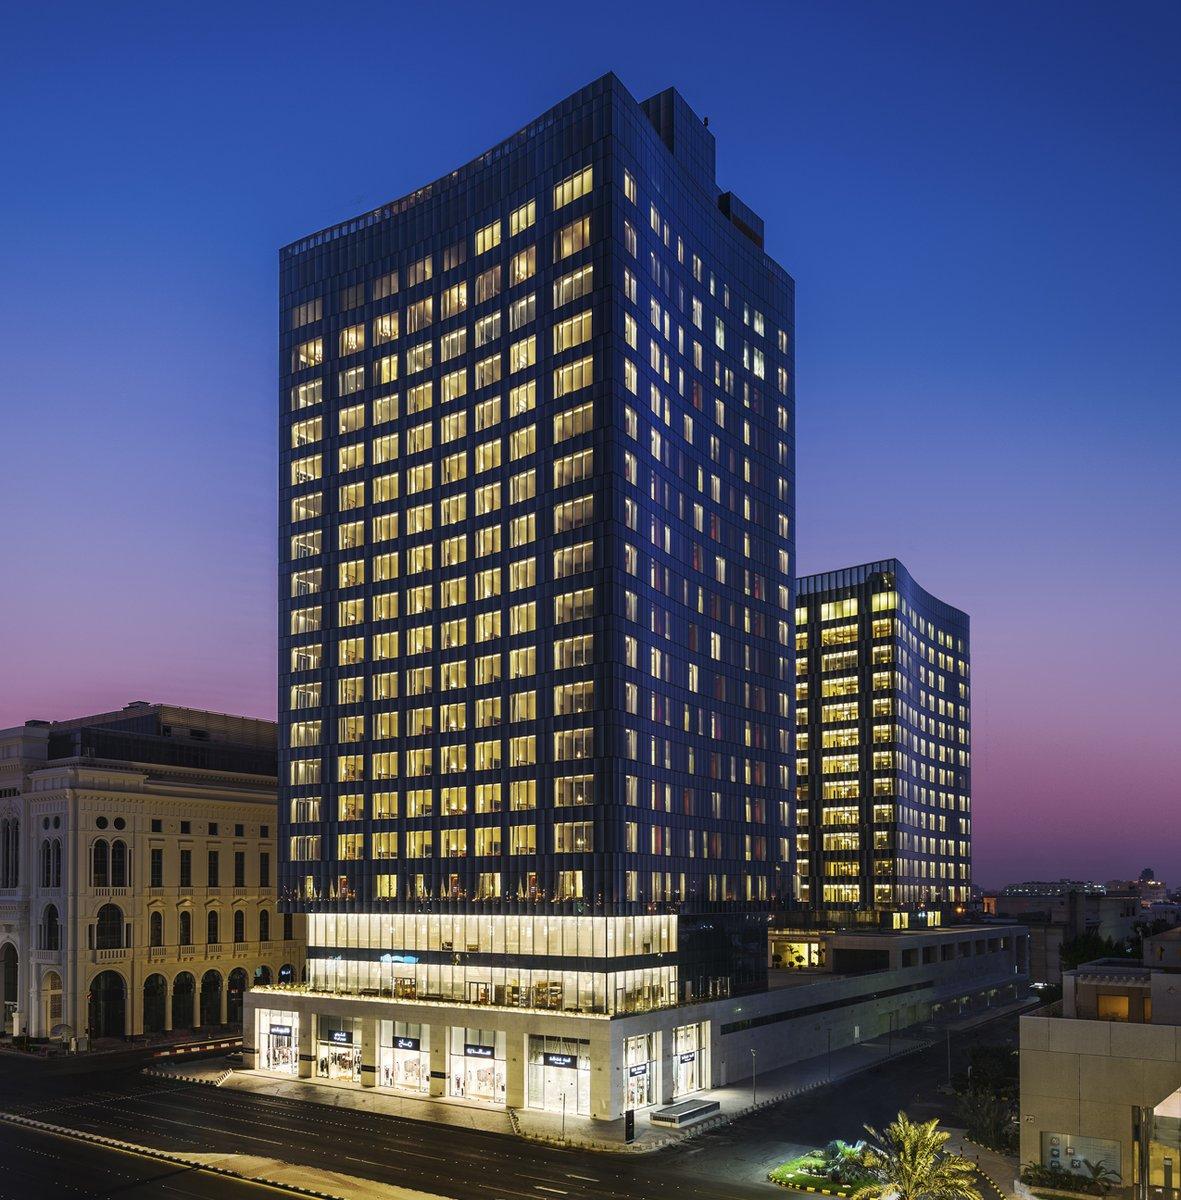 Osamah No Twitter وقعت شركة اصيلة للاستثمار مع مجموعة ماريوت الفندقية عقد ادارة وتشغيل فندق اصيلة الواقع على شارع التحلية في جدة وذلك بعد فسخ العقد السابق مع سلسلة روكو فورتي